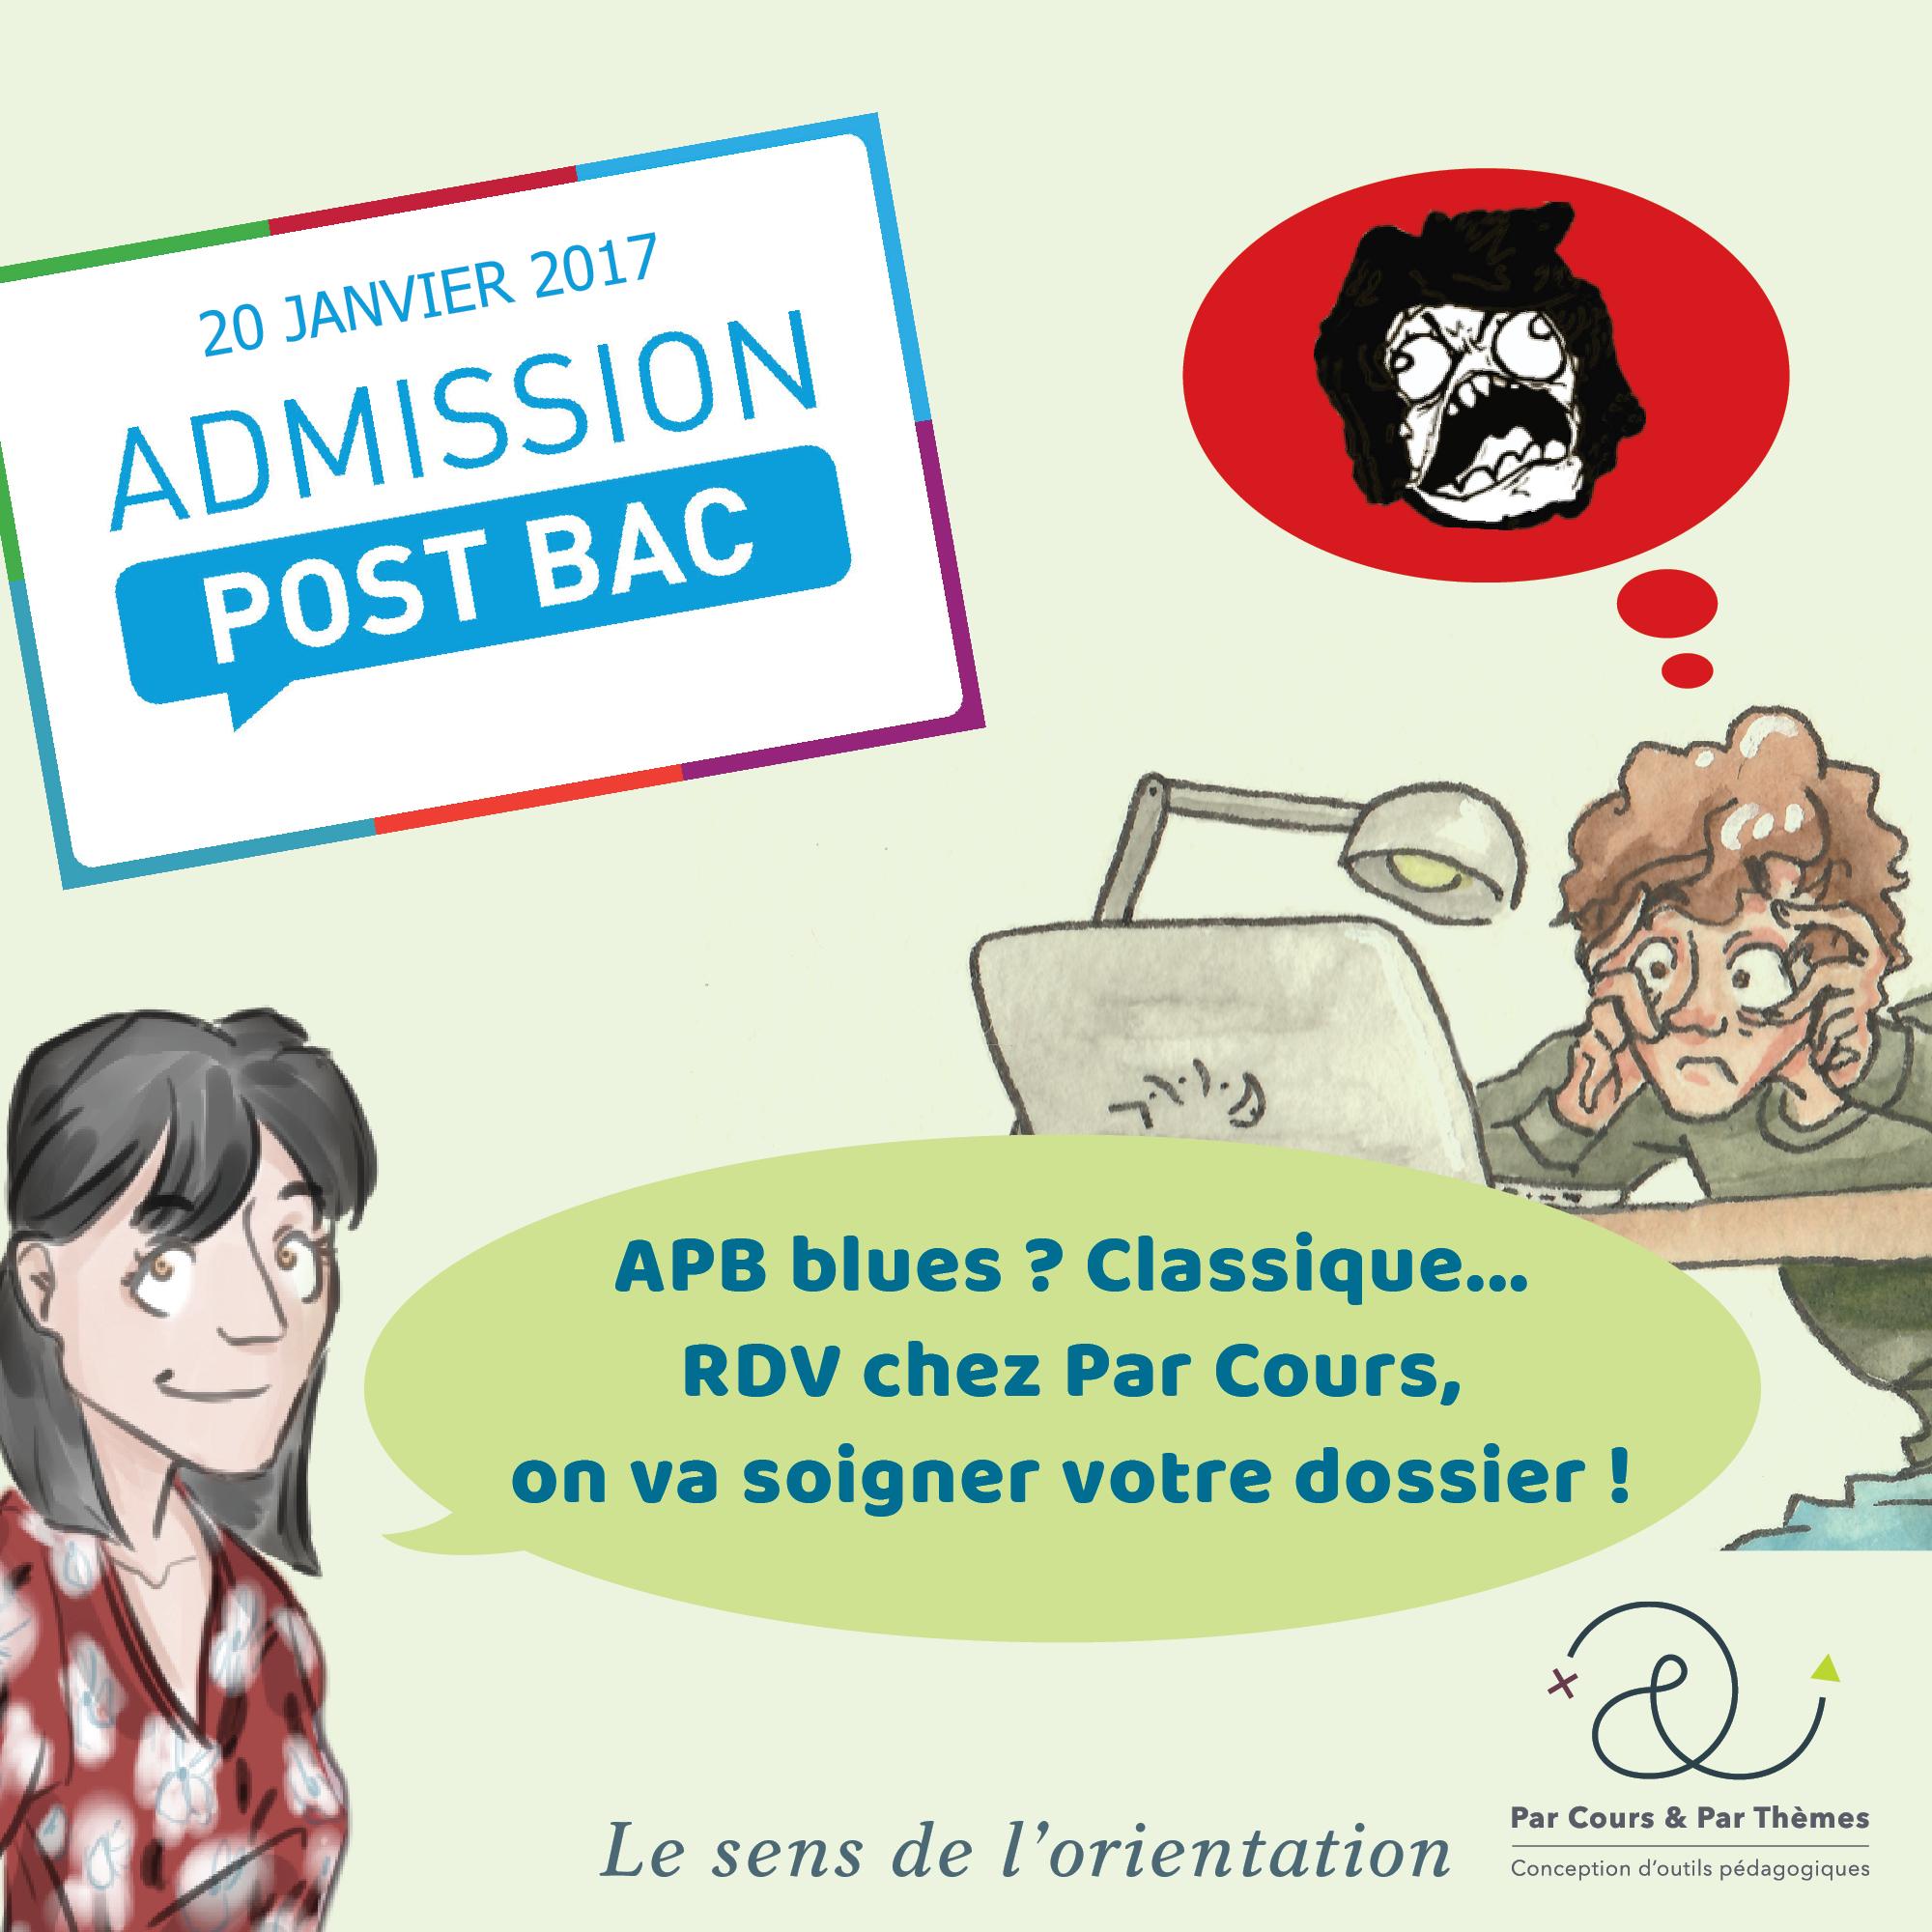 APB : Admission Post Bac ! SAS Par Cours & Par Thèmes